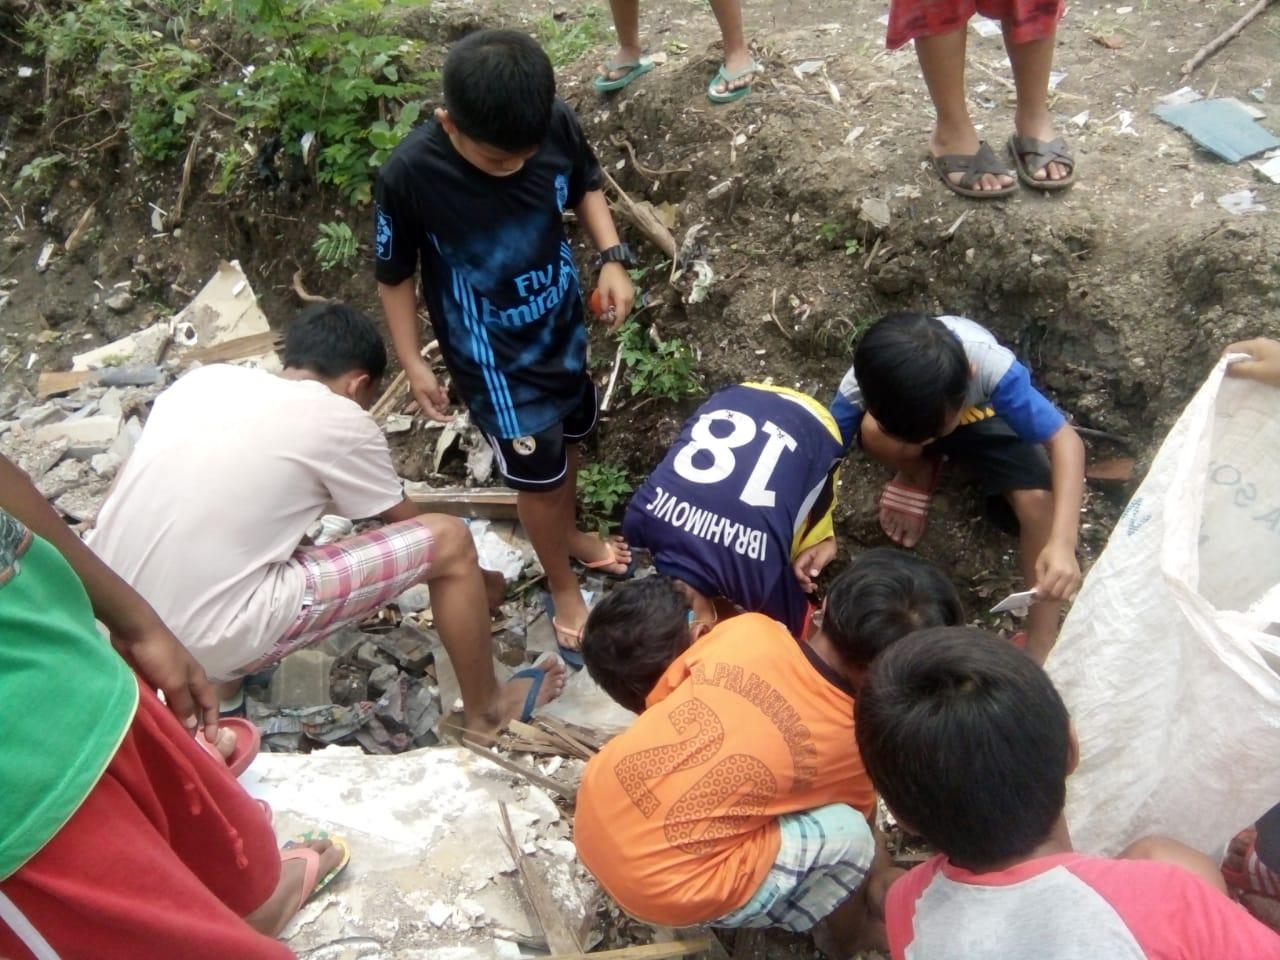 Bikin Curiga, Begini Foto Anak-Anak Main KTP-el di Duren Sawit